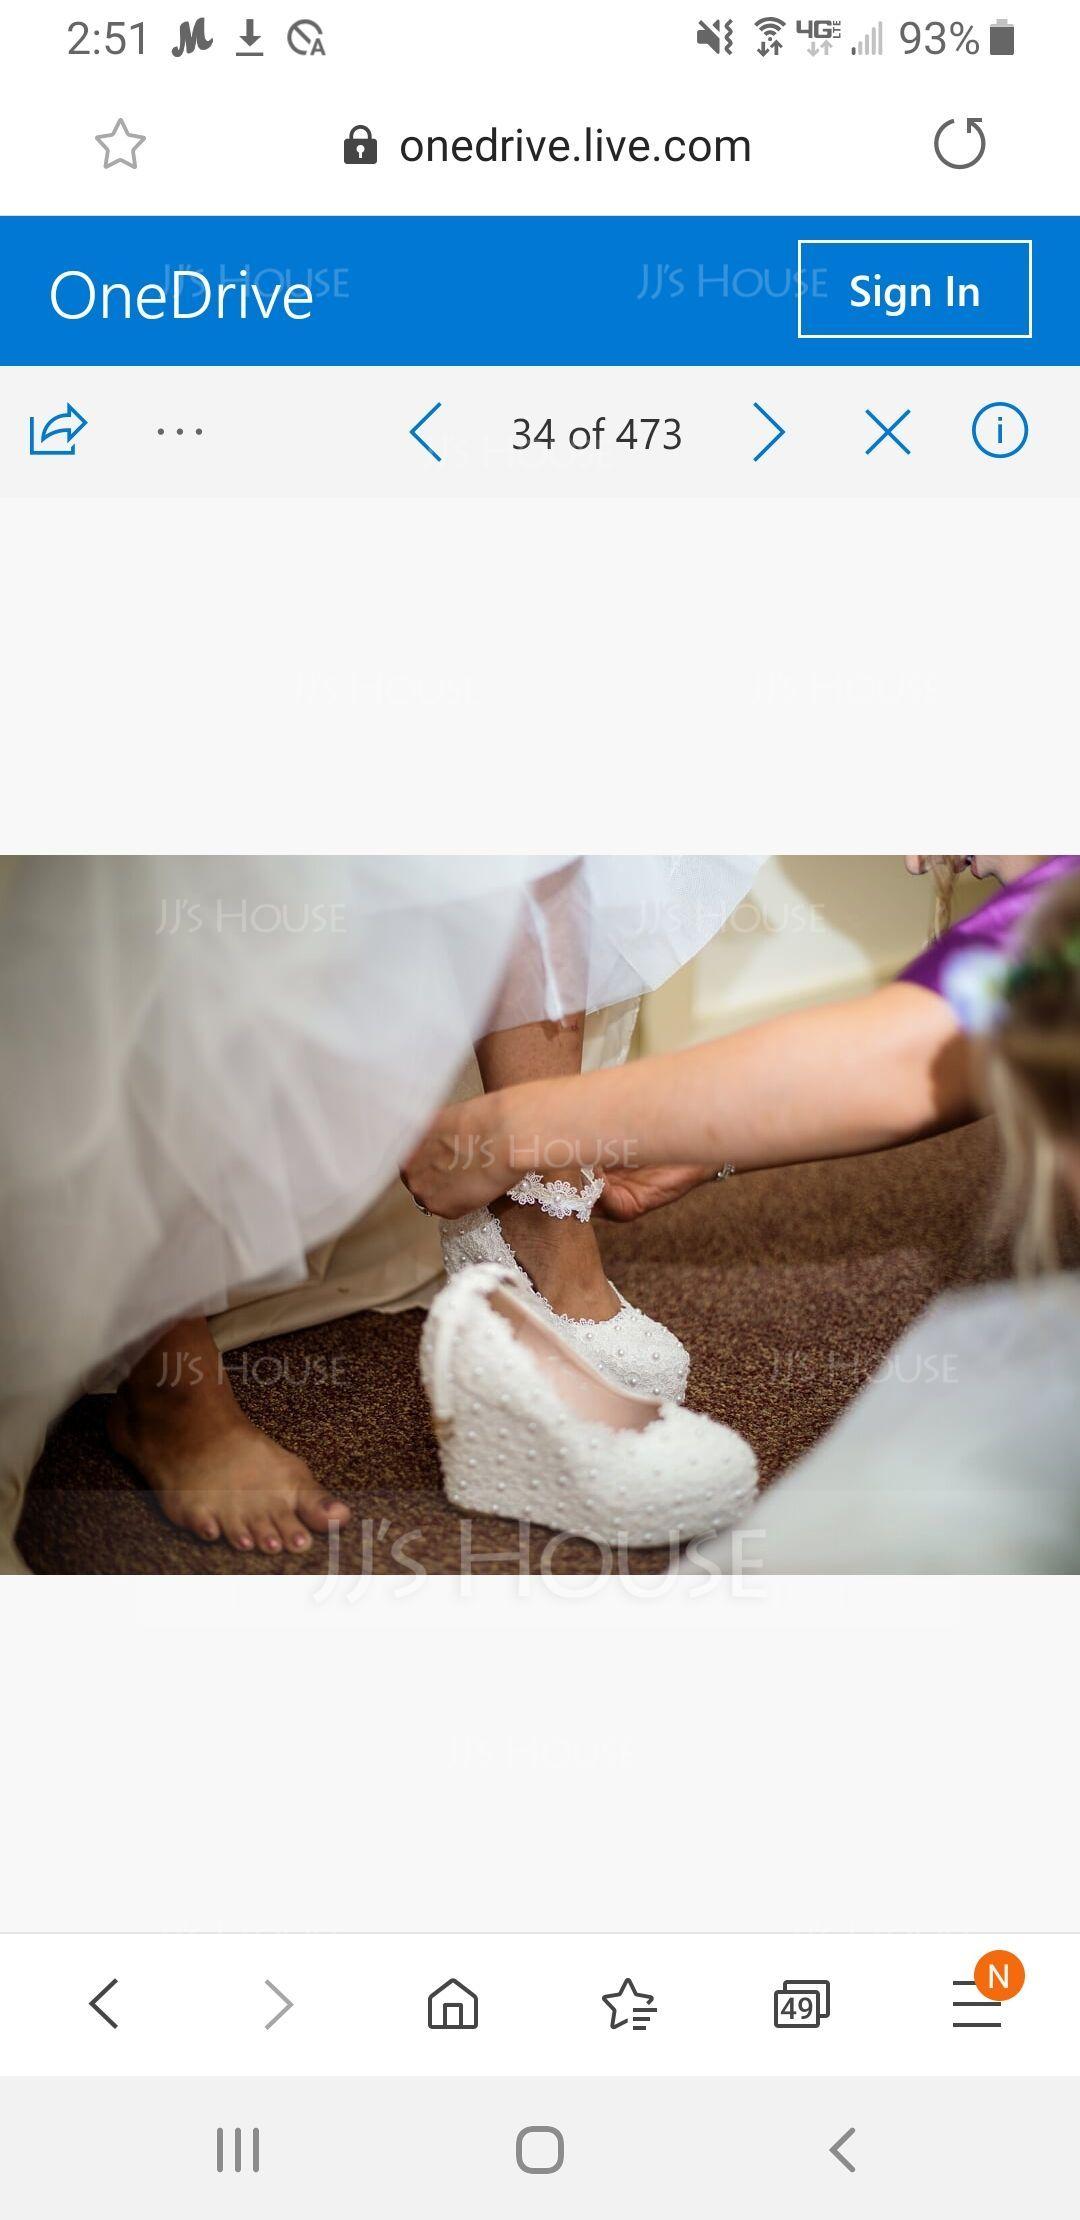 女性用 レザーレット ウエッジヒール クローズド足 プラットフォーム パンプス ウェッジ メリージェーン とともに バックル イミテーションパール ラインストーン アップリケ (047144236)